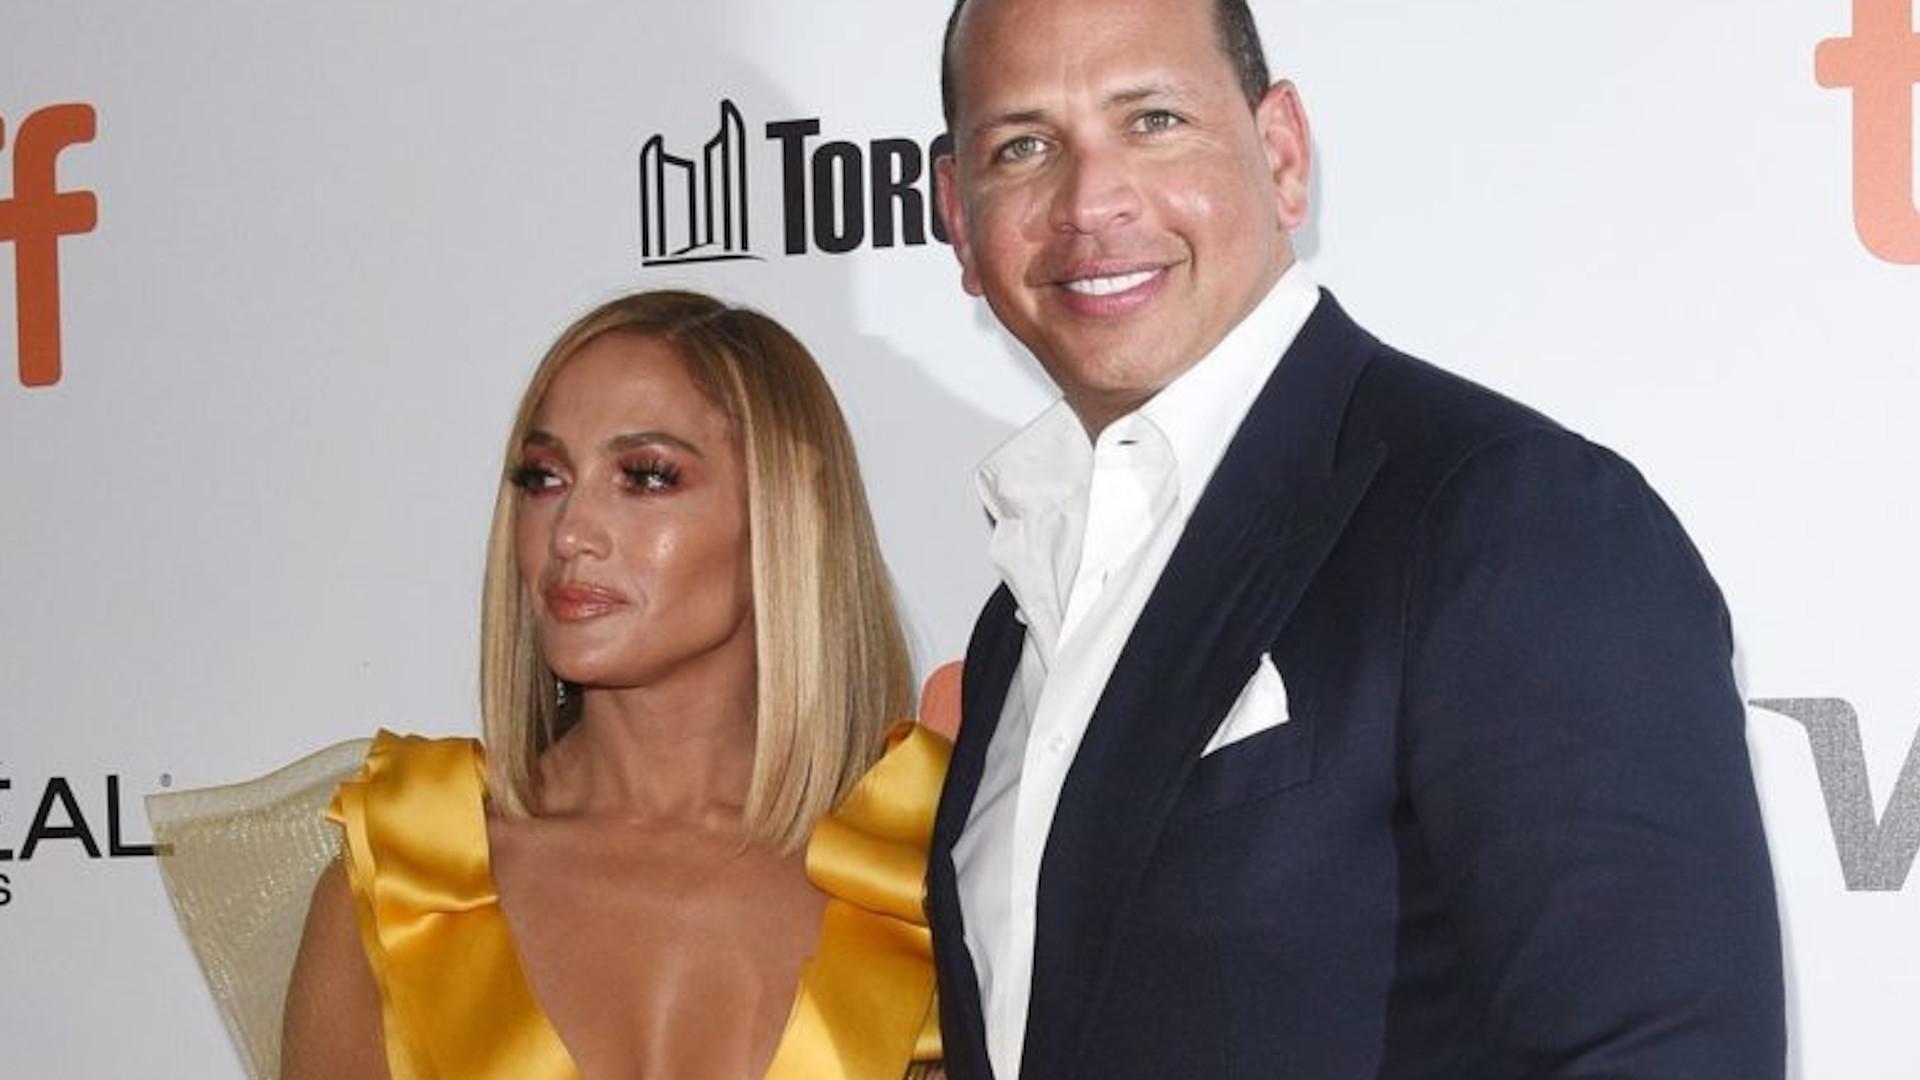 Jennifer Lopez i Alex Rodriguez za MILIARDY dolarów chcą kupić drużynę baseballową!